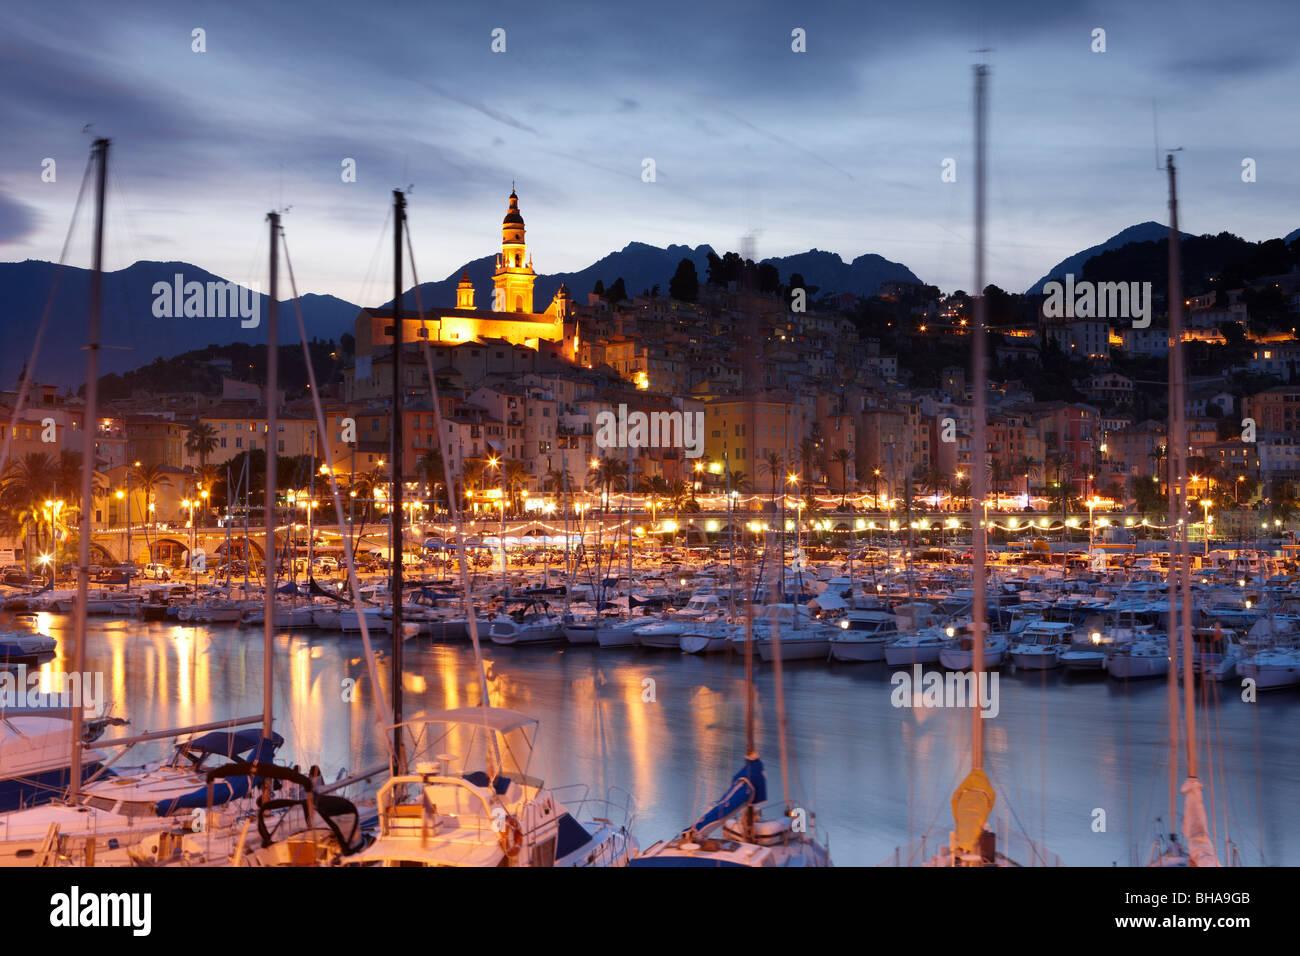 der Hafen und die alte Stadt Menton in der Nacht, Cote d ' Azur, Provence, Frankreich Stockfoto